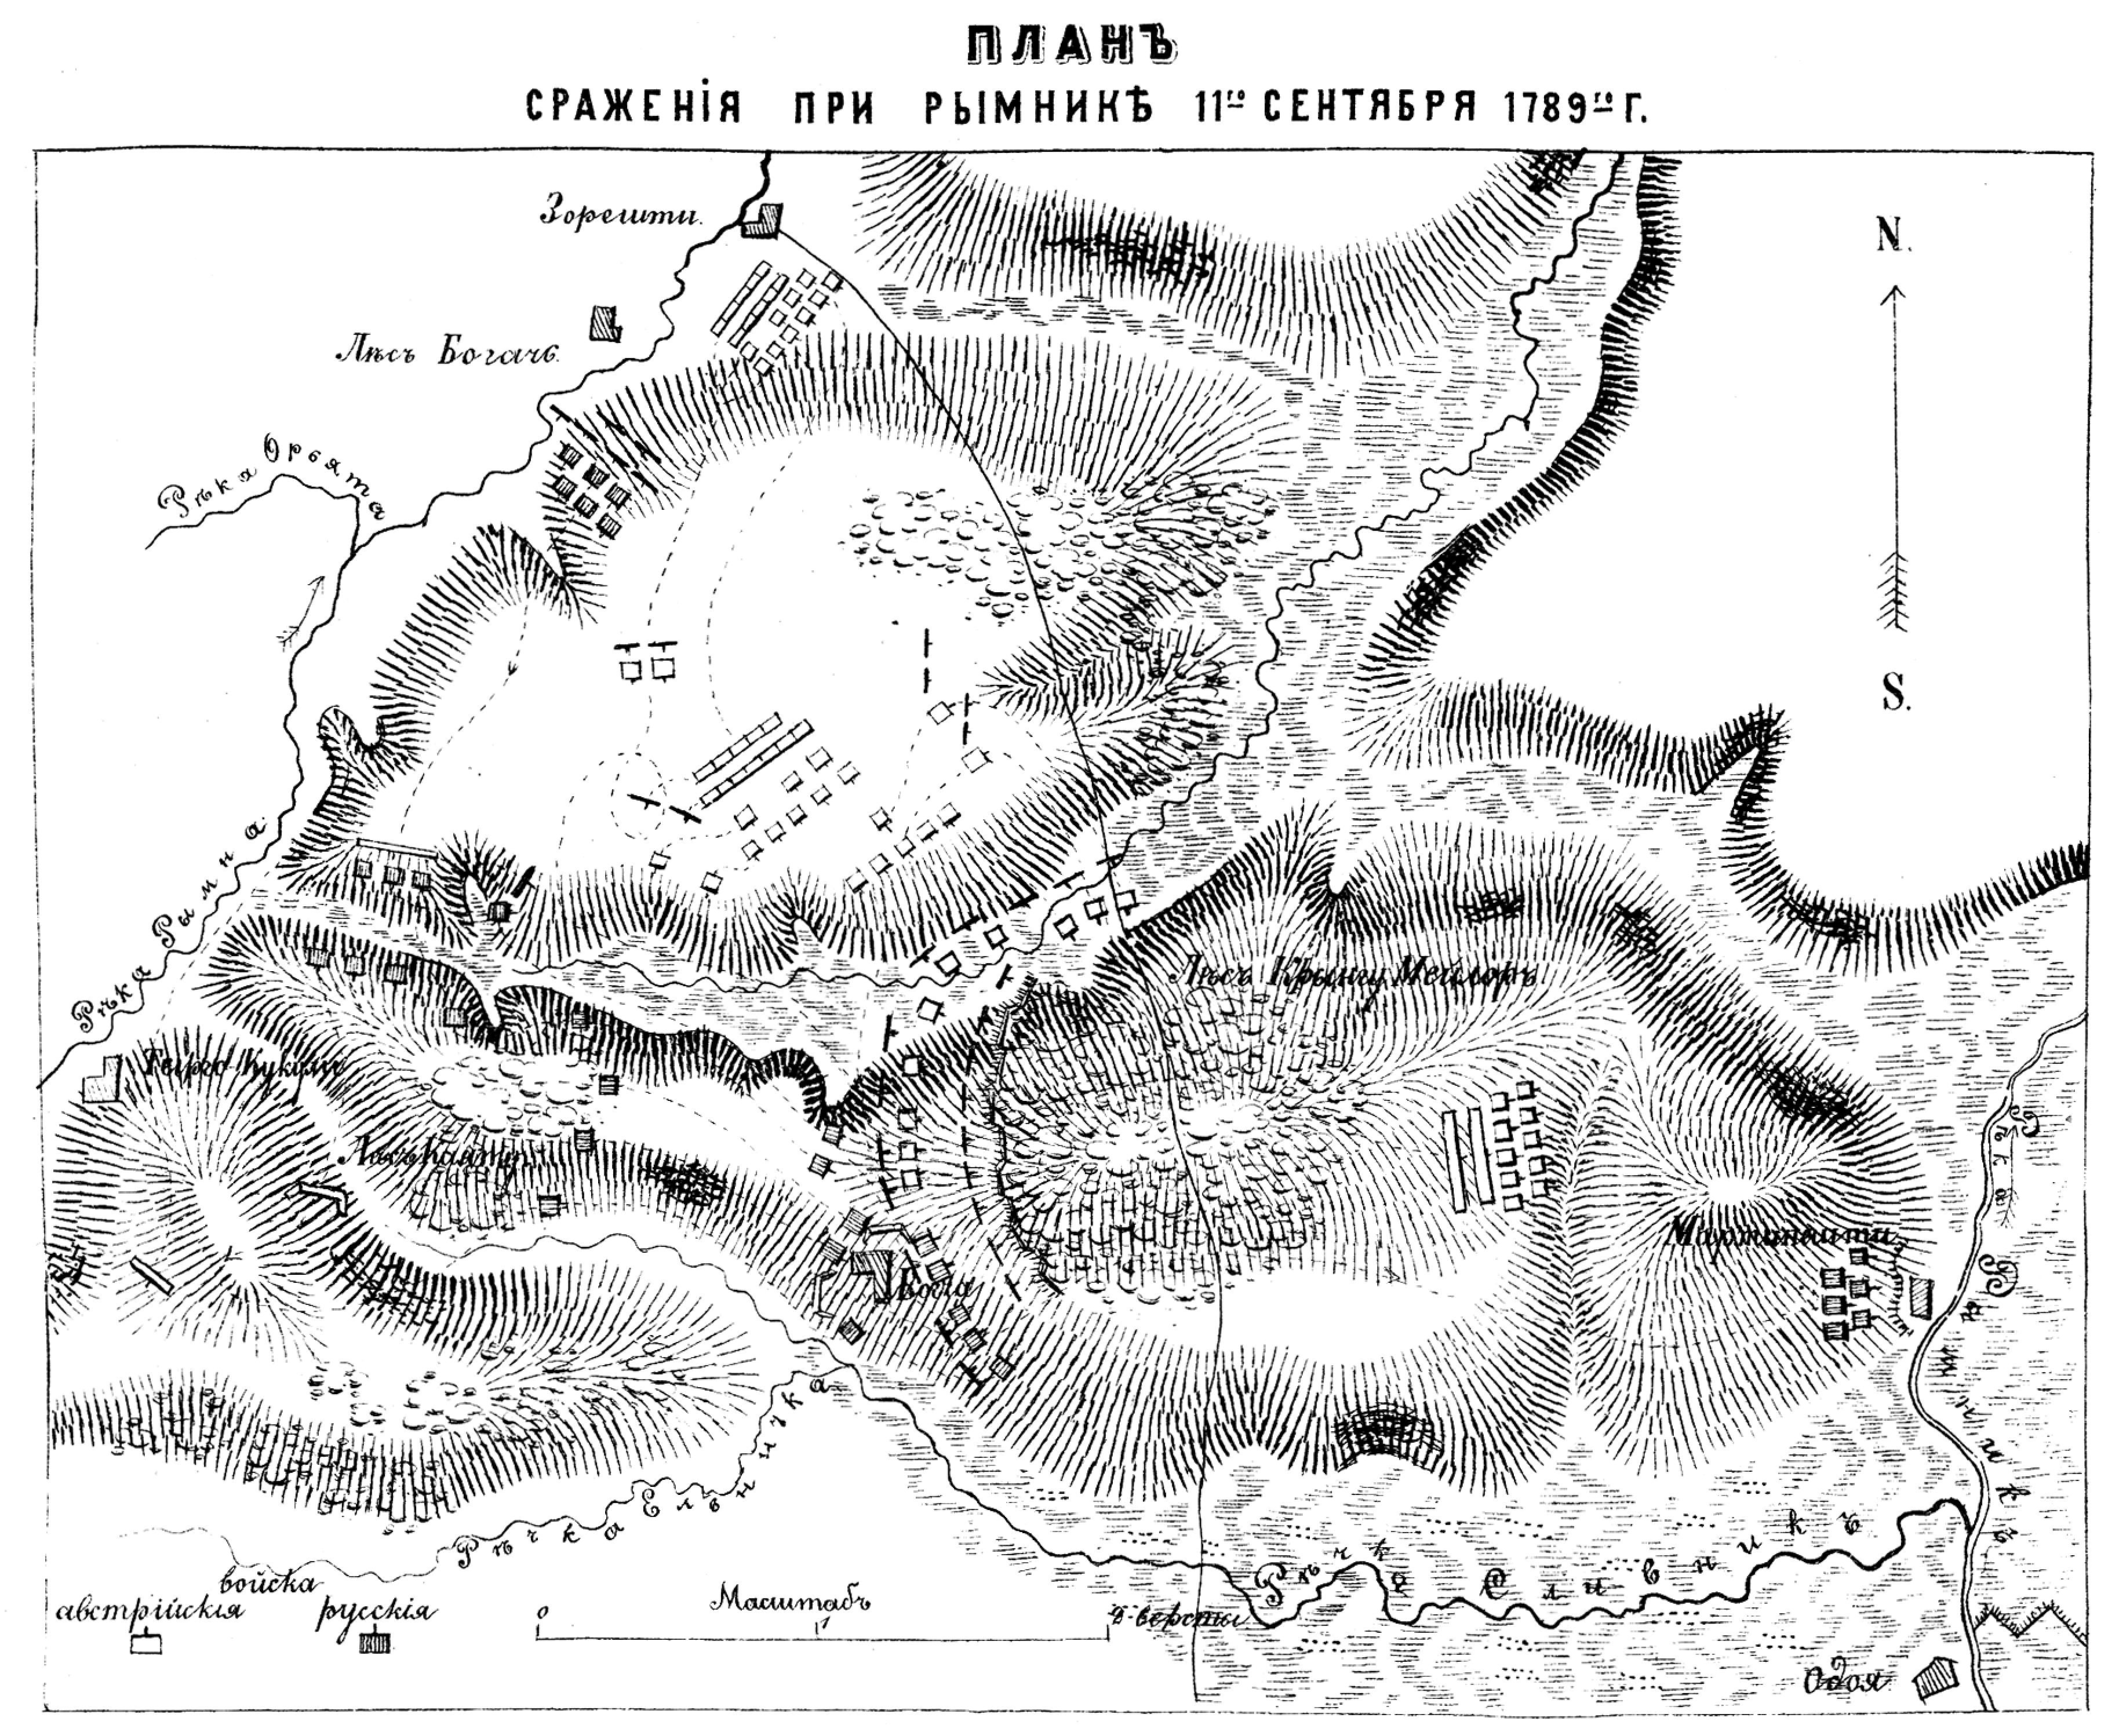 река рымник